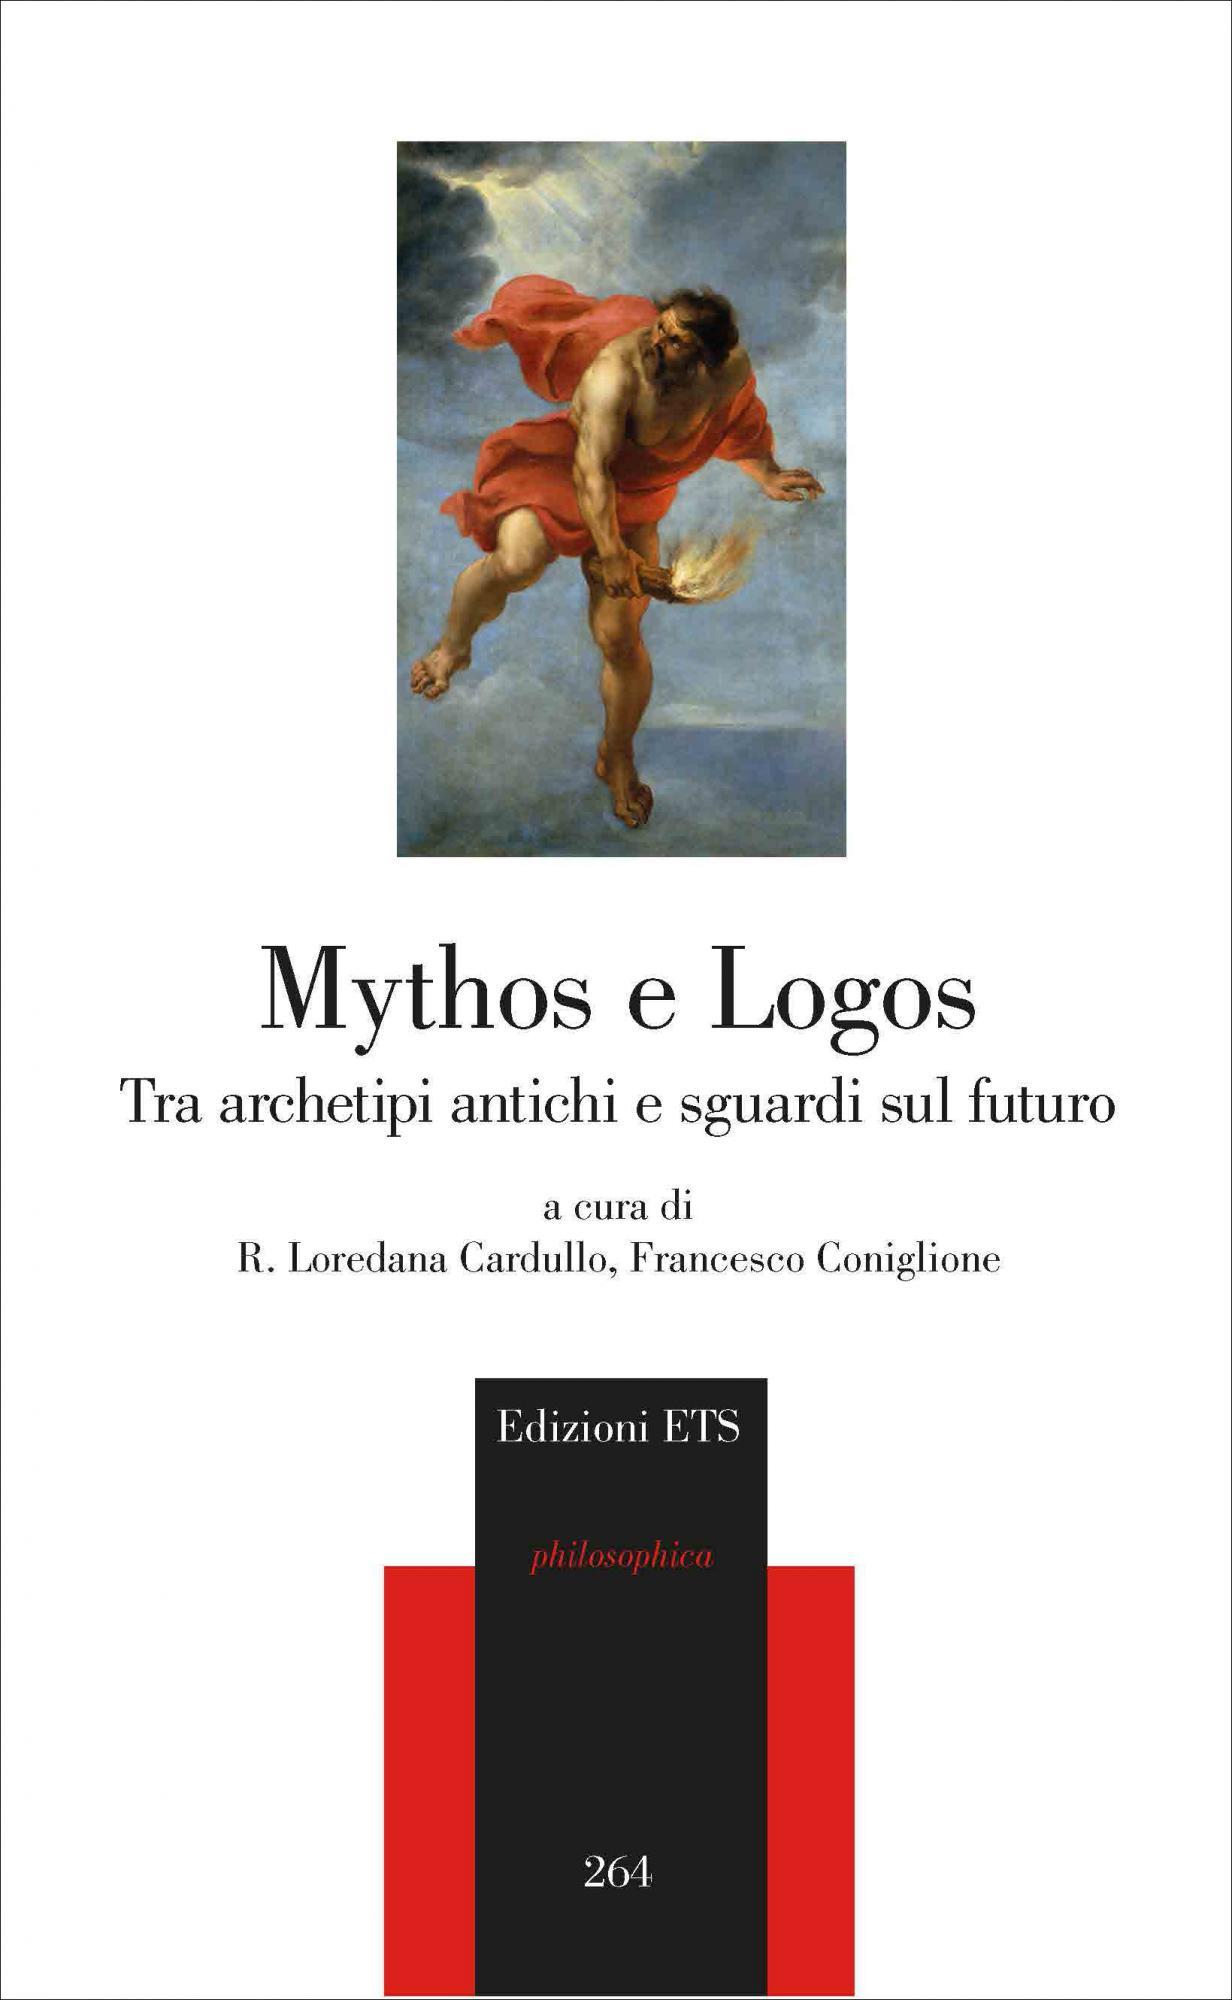 Mythos e Logos.Tra archetipi antichi e sguardi sul futuro